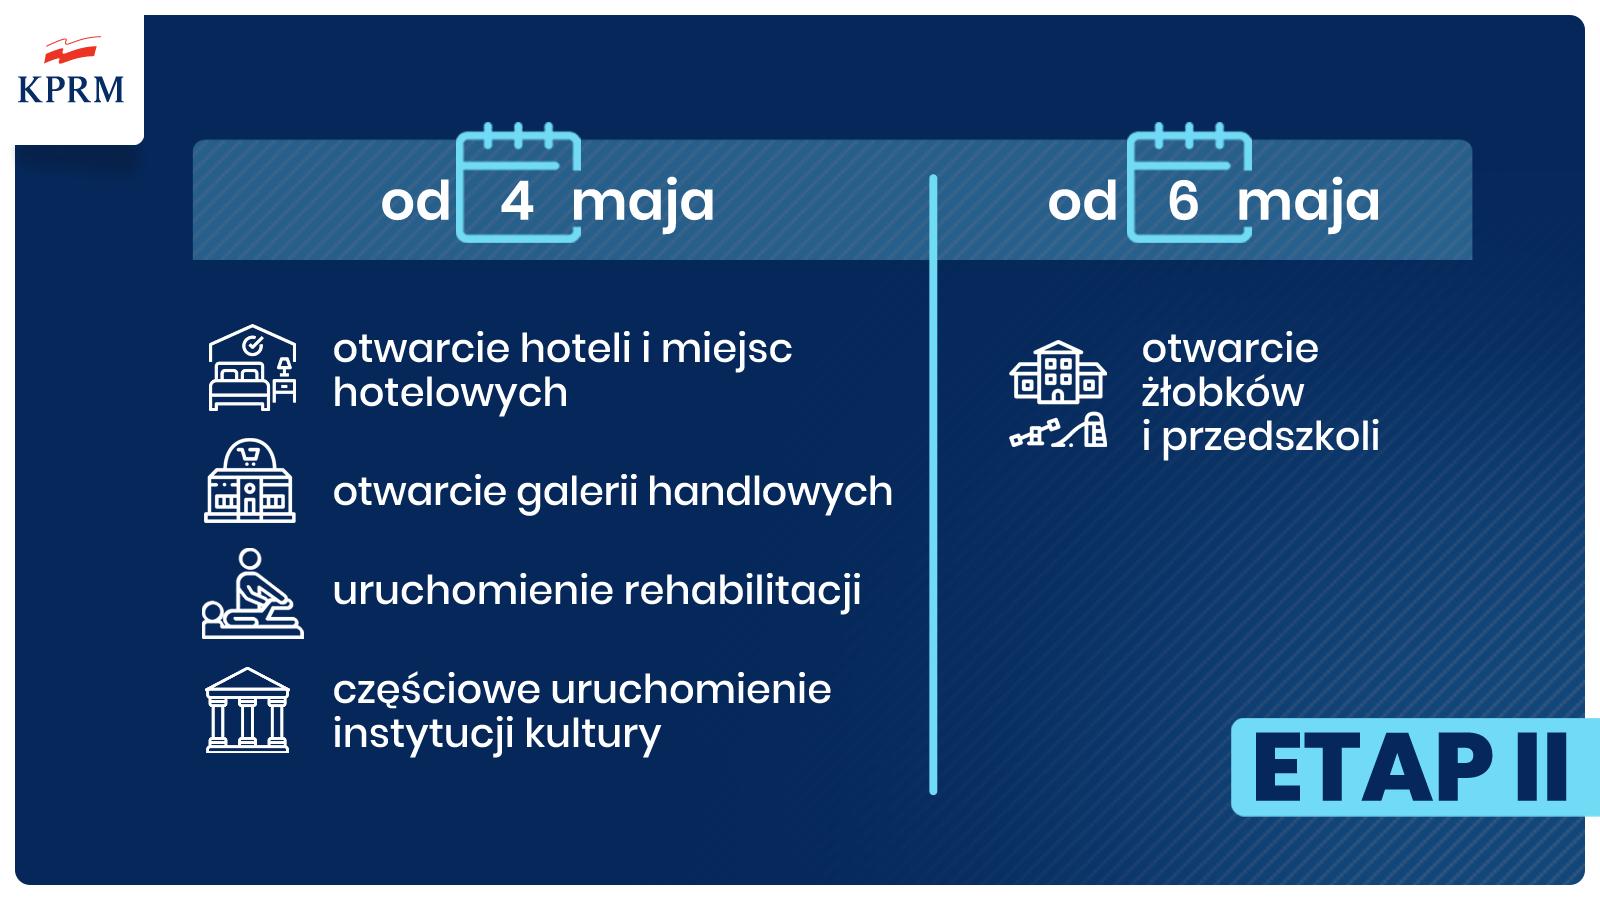 4 maja ruszą hotele, centra handlowe i rehabilitacja lecznicza